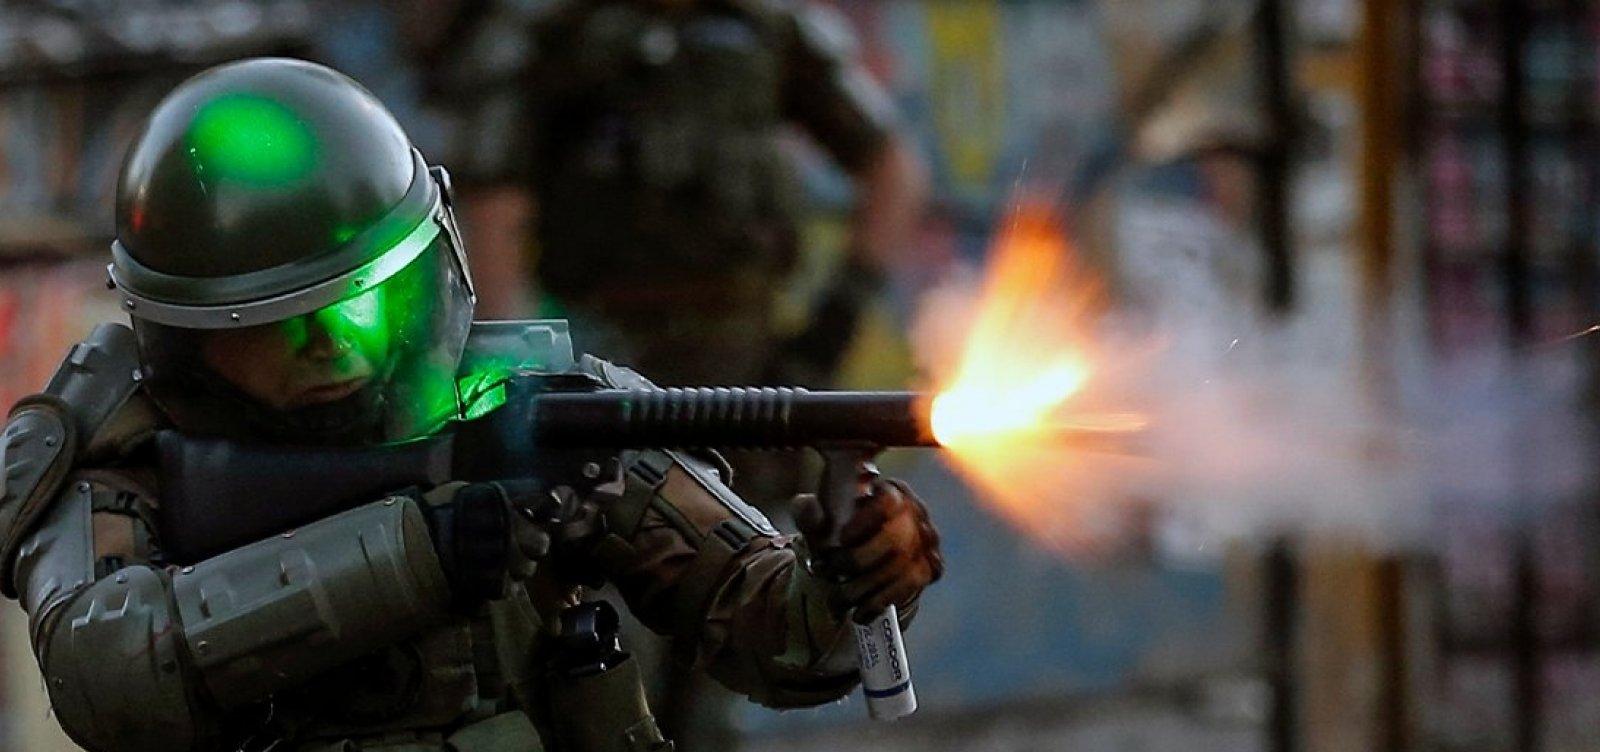 Anistia Internacional recomenda ações para reduzir violência policial na América Latina